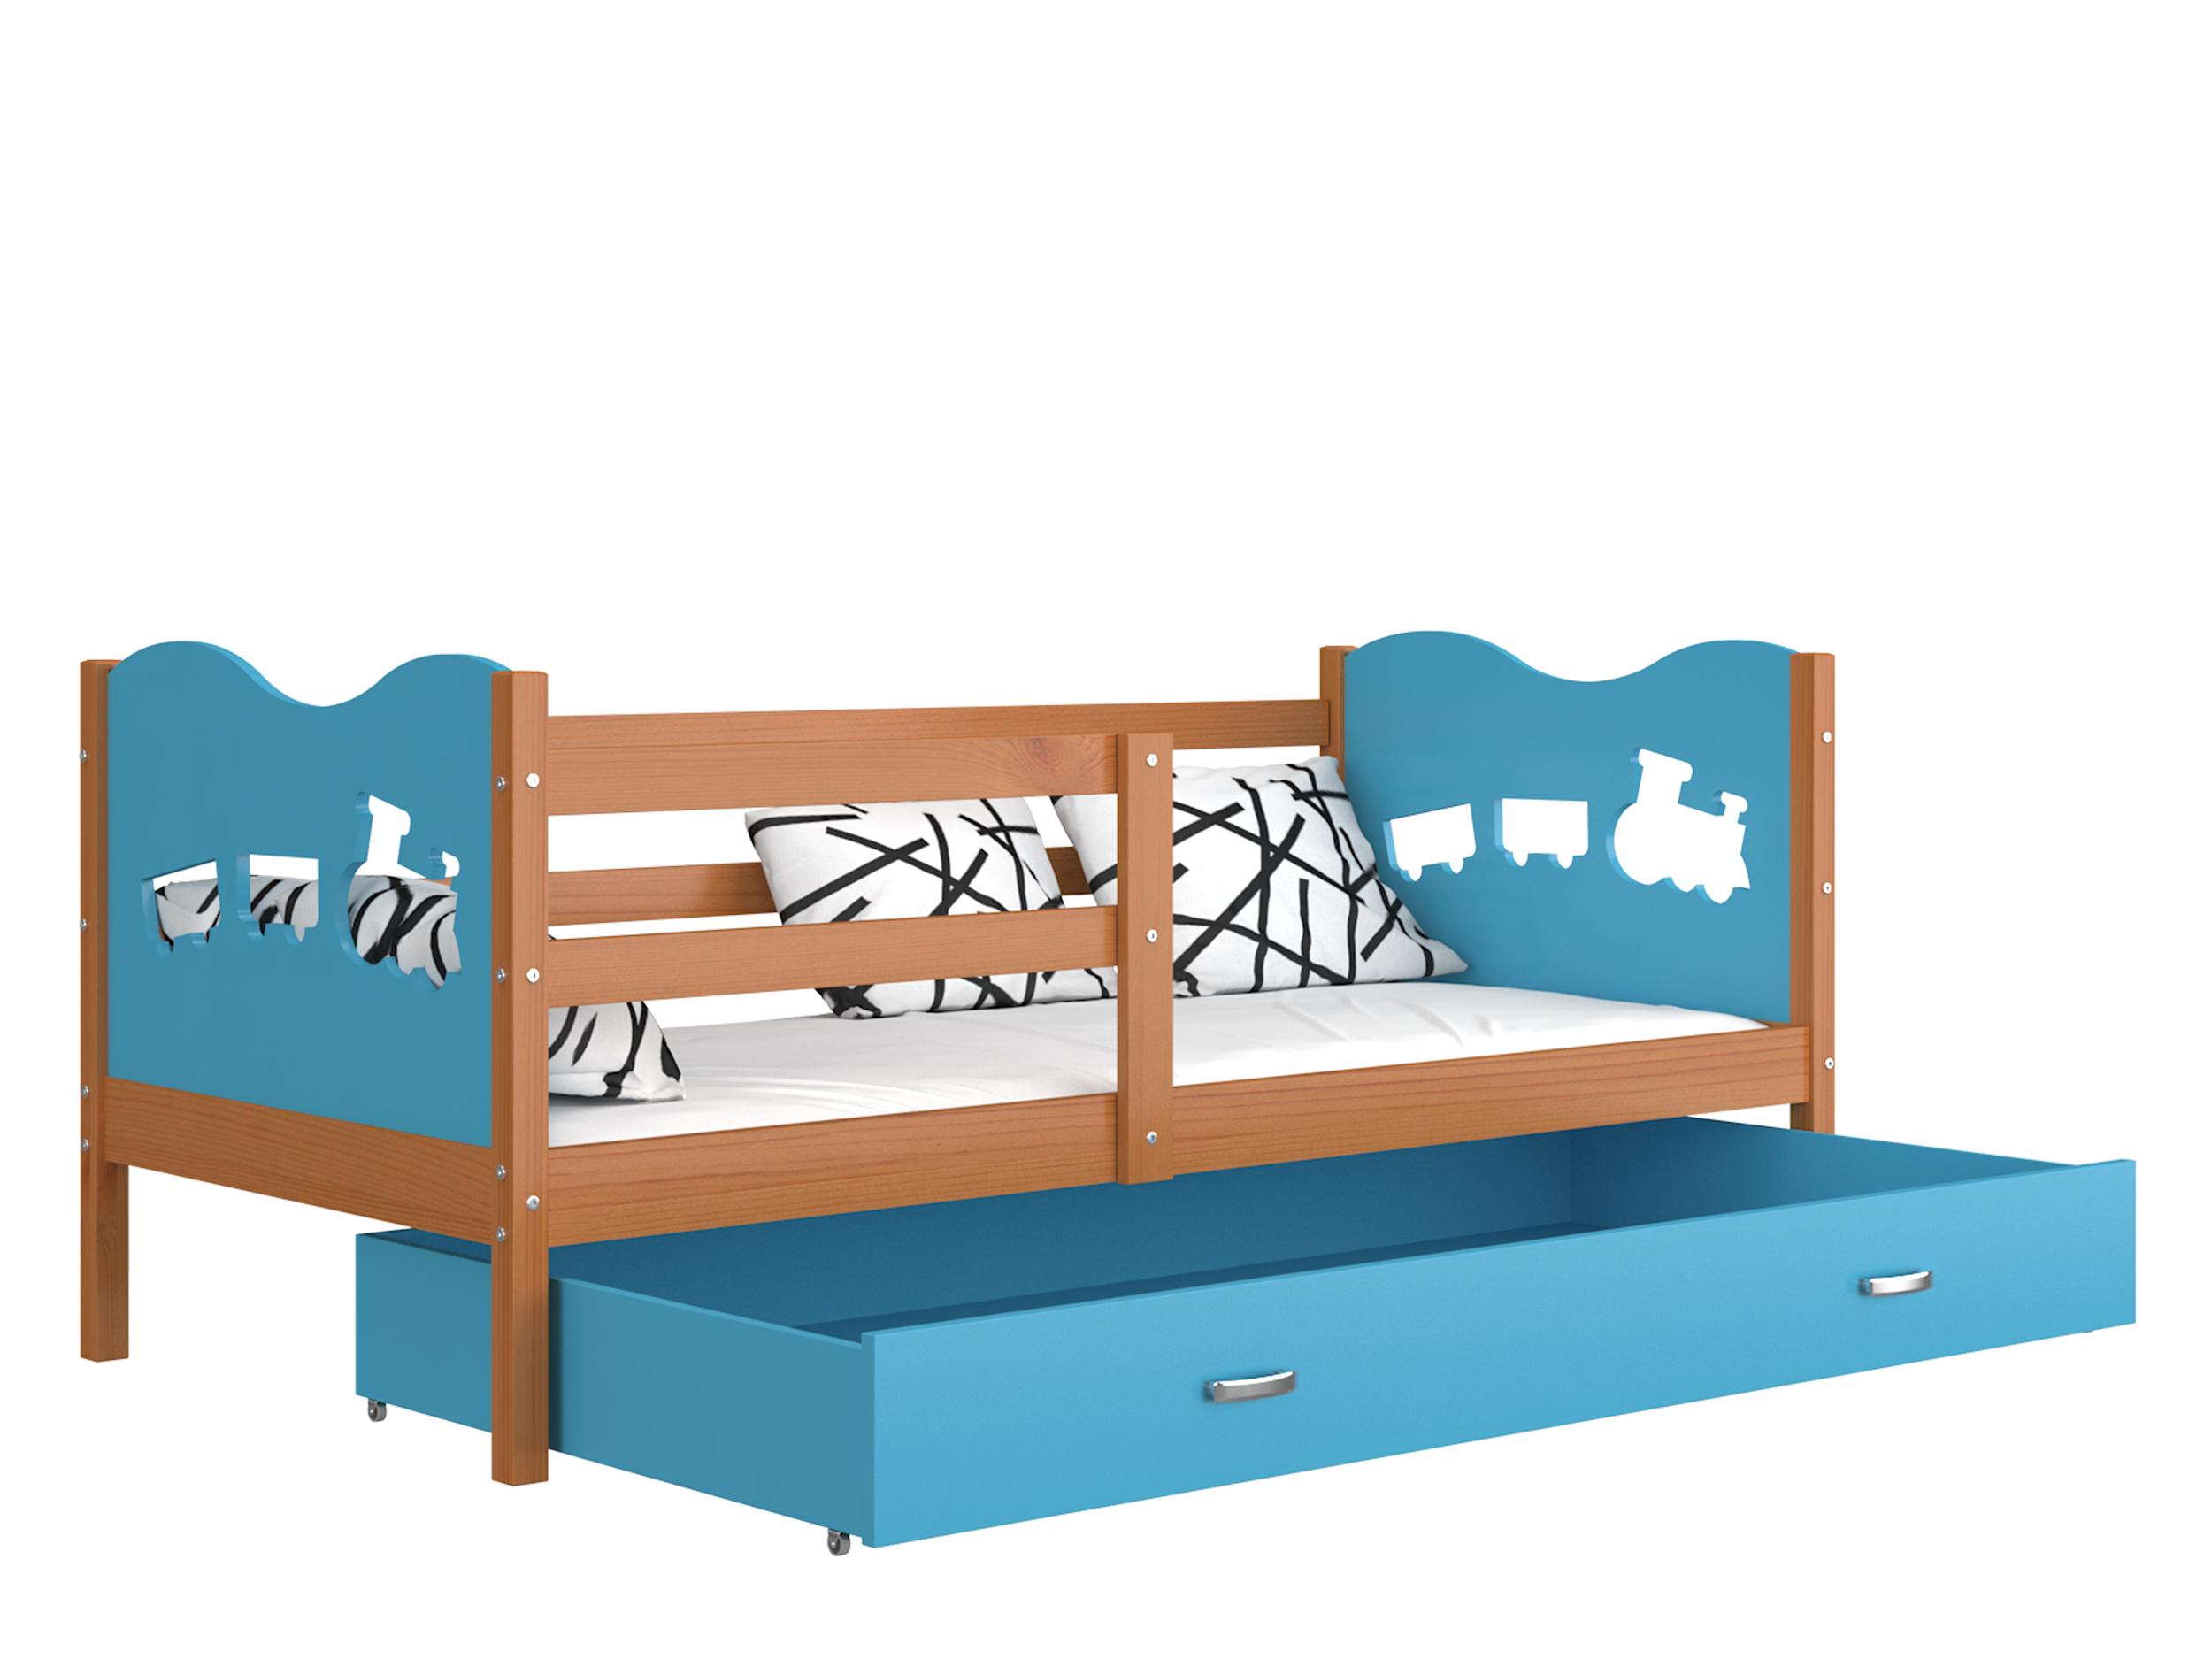 ArtAJ Detská posteľ MAX P drevo / MDF 200 x 90 cm Farba: jelša / modrá 200 x 90 cm s matracom